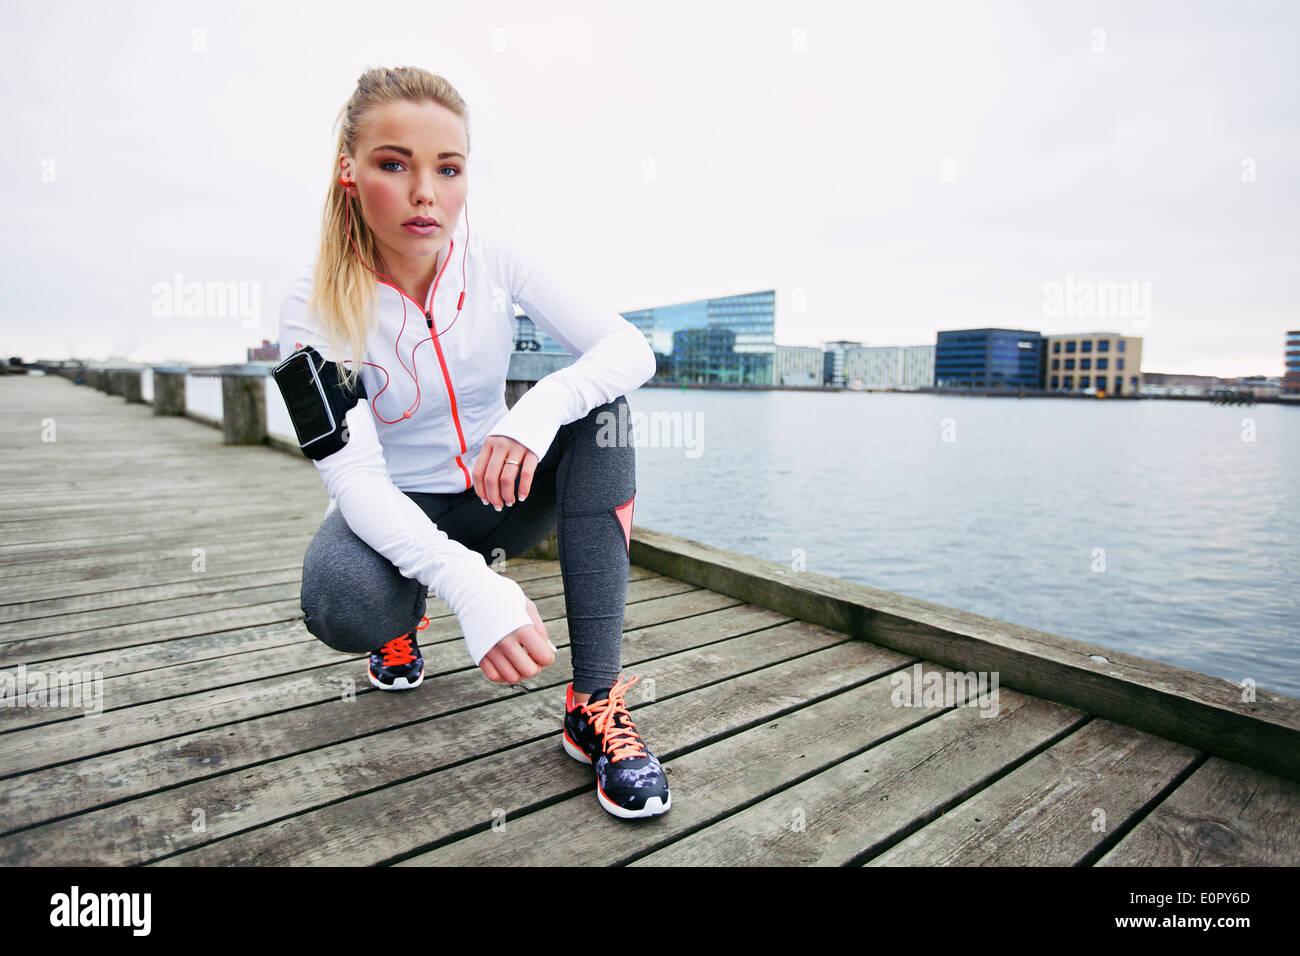 Giovane donna runner riposo dopo la esecuzione di allenamento. Femmina modello fitness accovacciato sul marciapiede lungo il fiume. Pareggiatore femmina di riposo. Immagini Stock